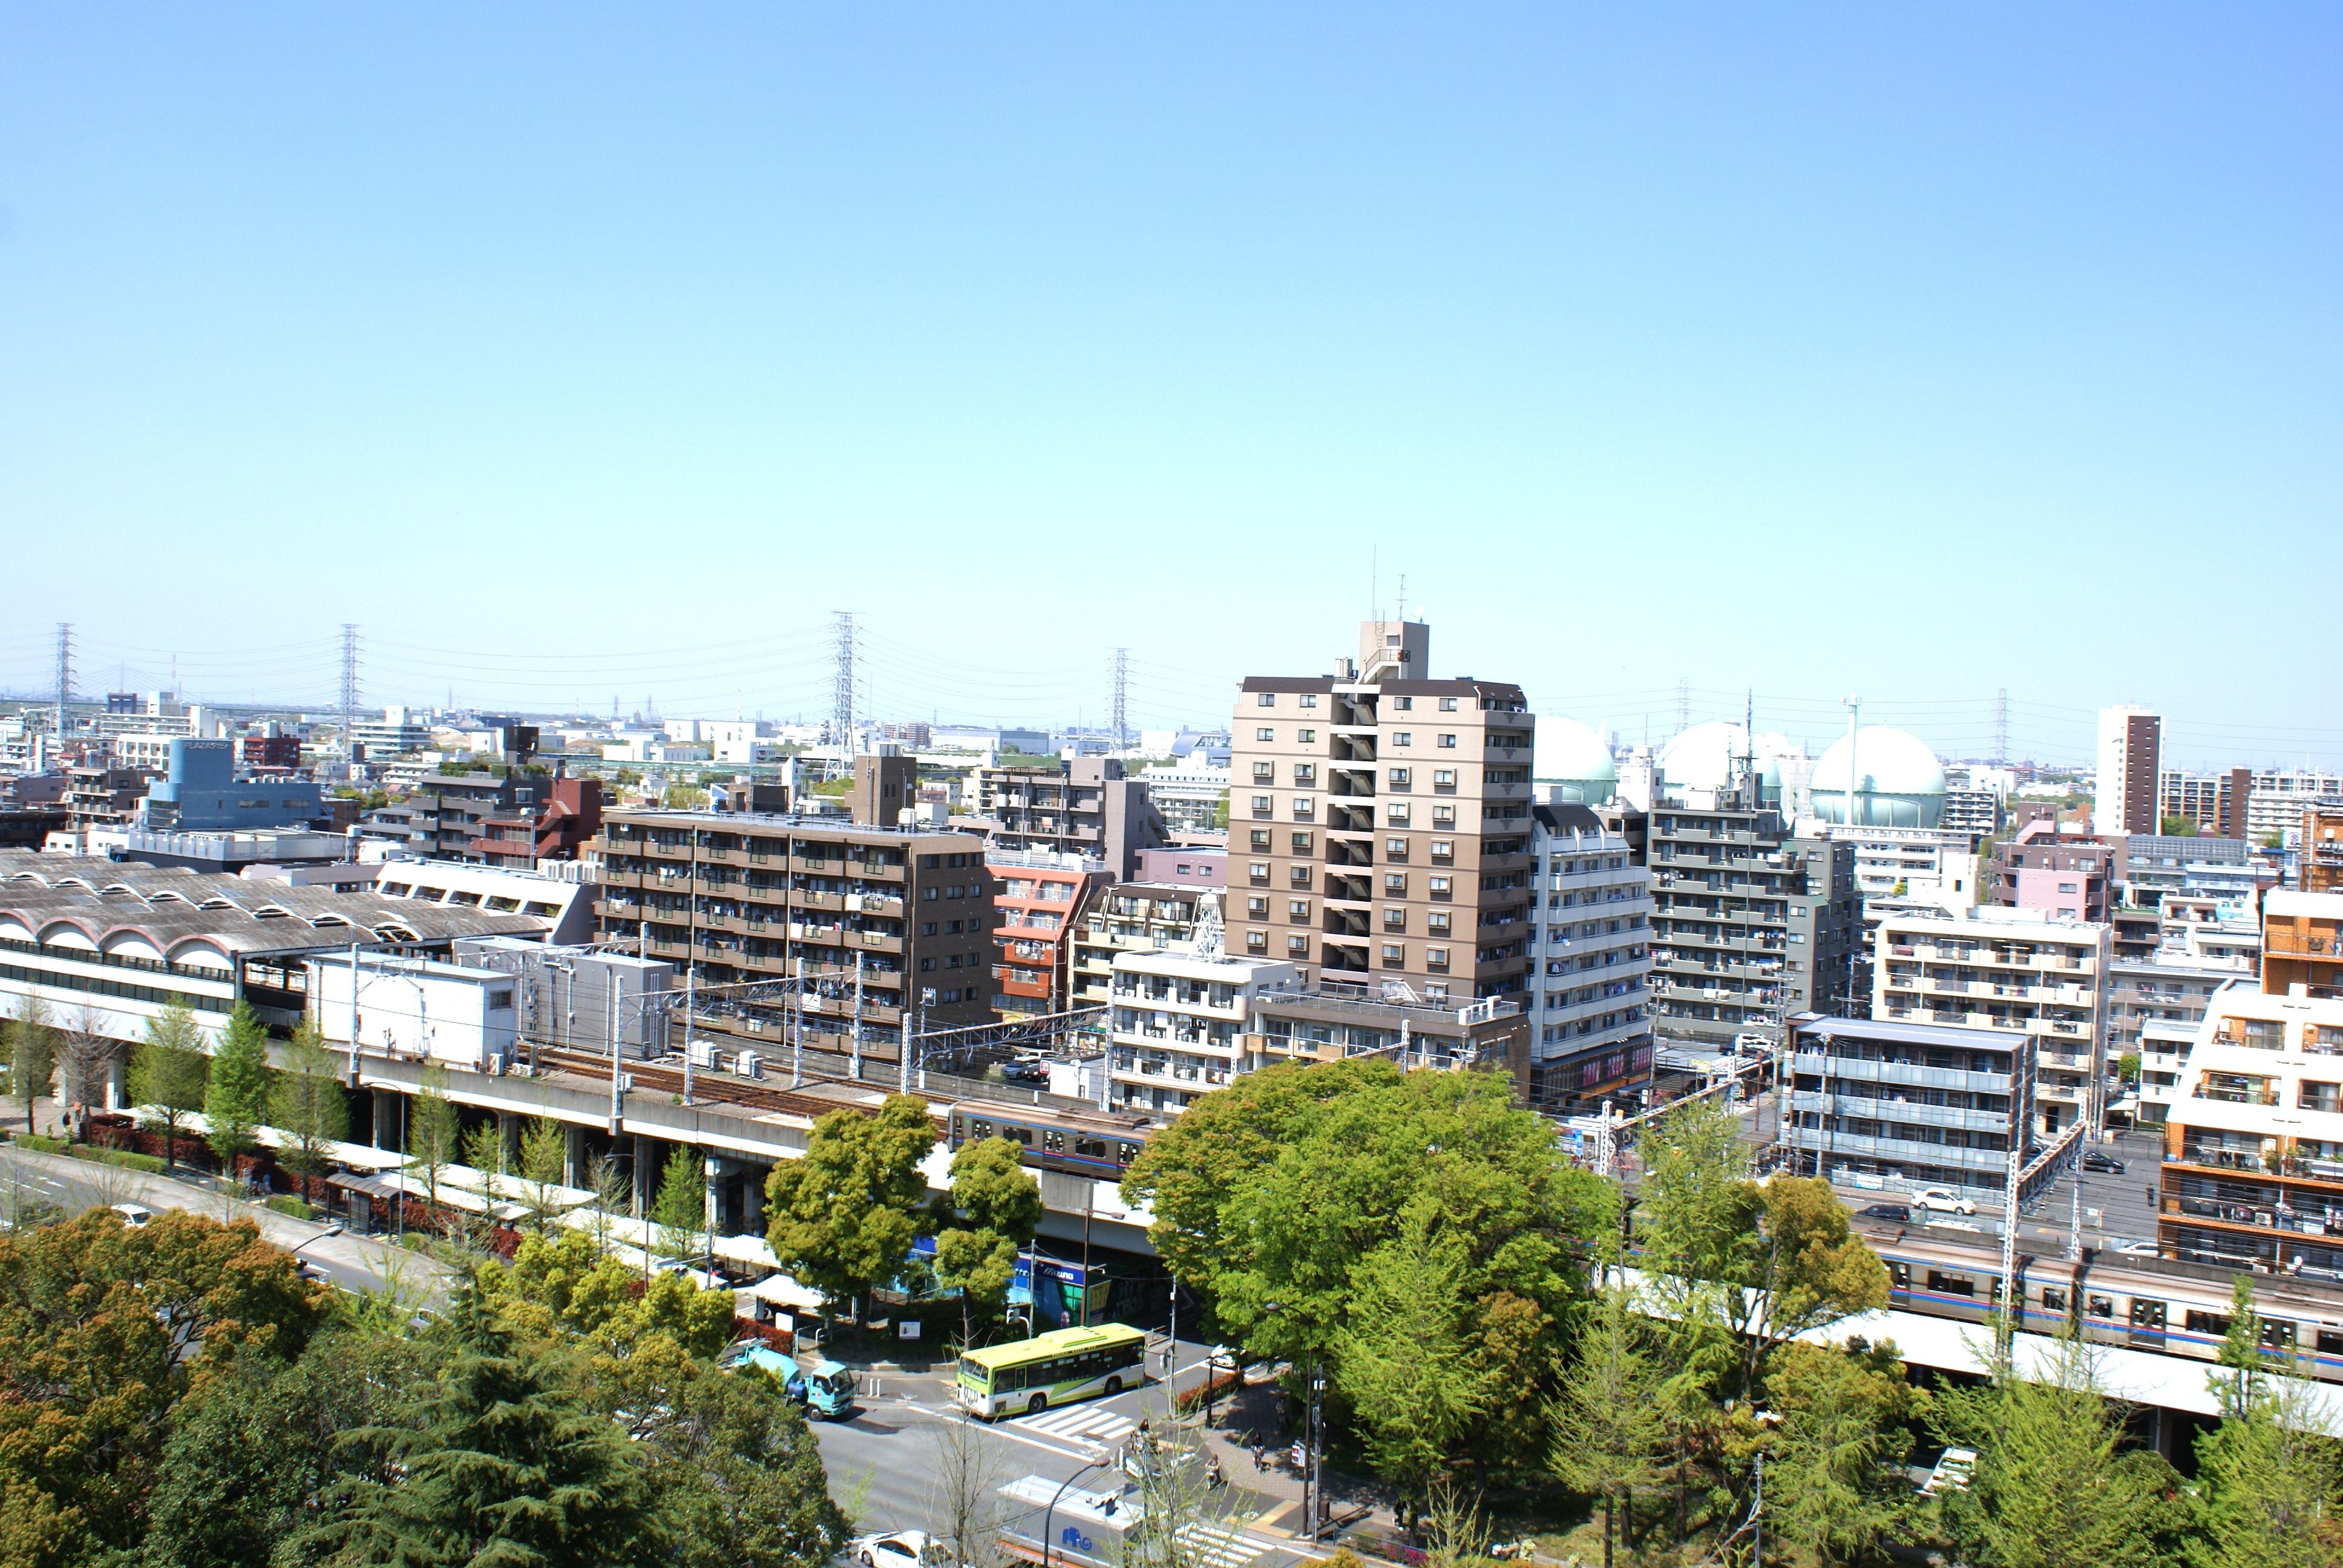 「板橋区高島平」の画像検索結果